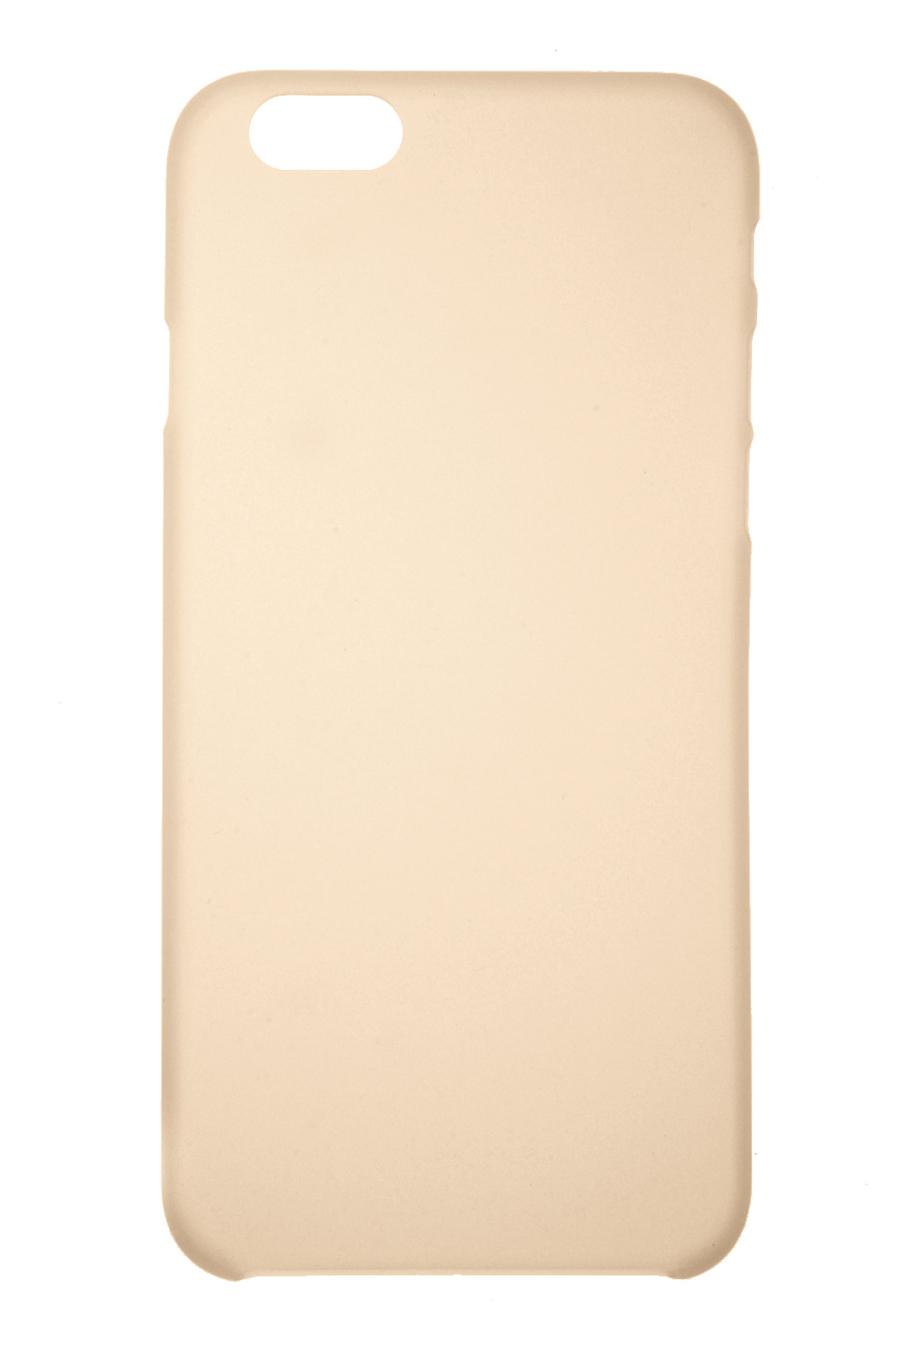 Чехол для сотового телефона IQ Format iPhone 6 сверхтонкая, 2000397083325, золотой аксессуар чехол крышка iq format для iphone 7 green